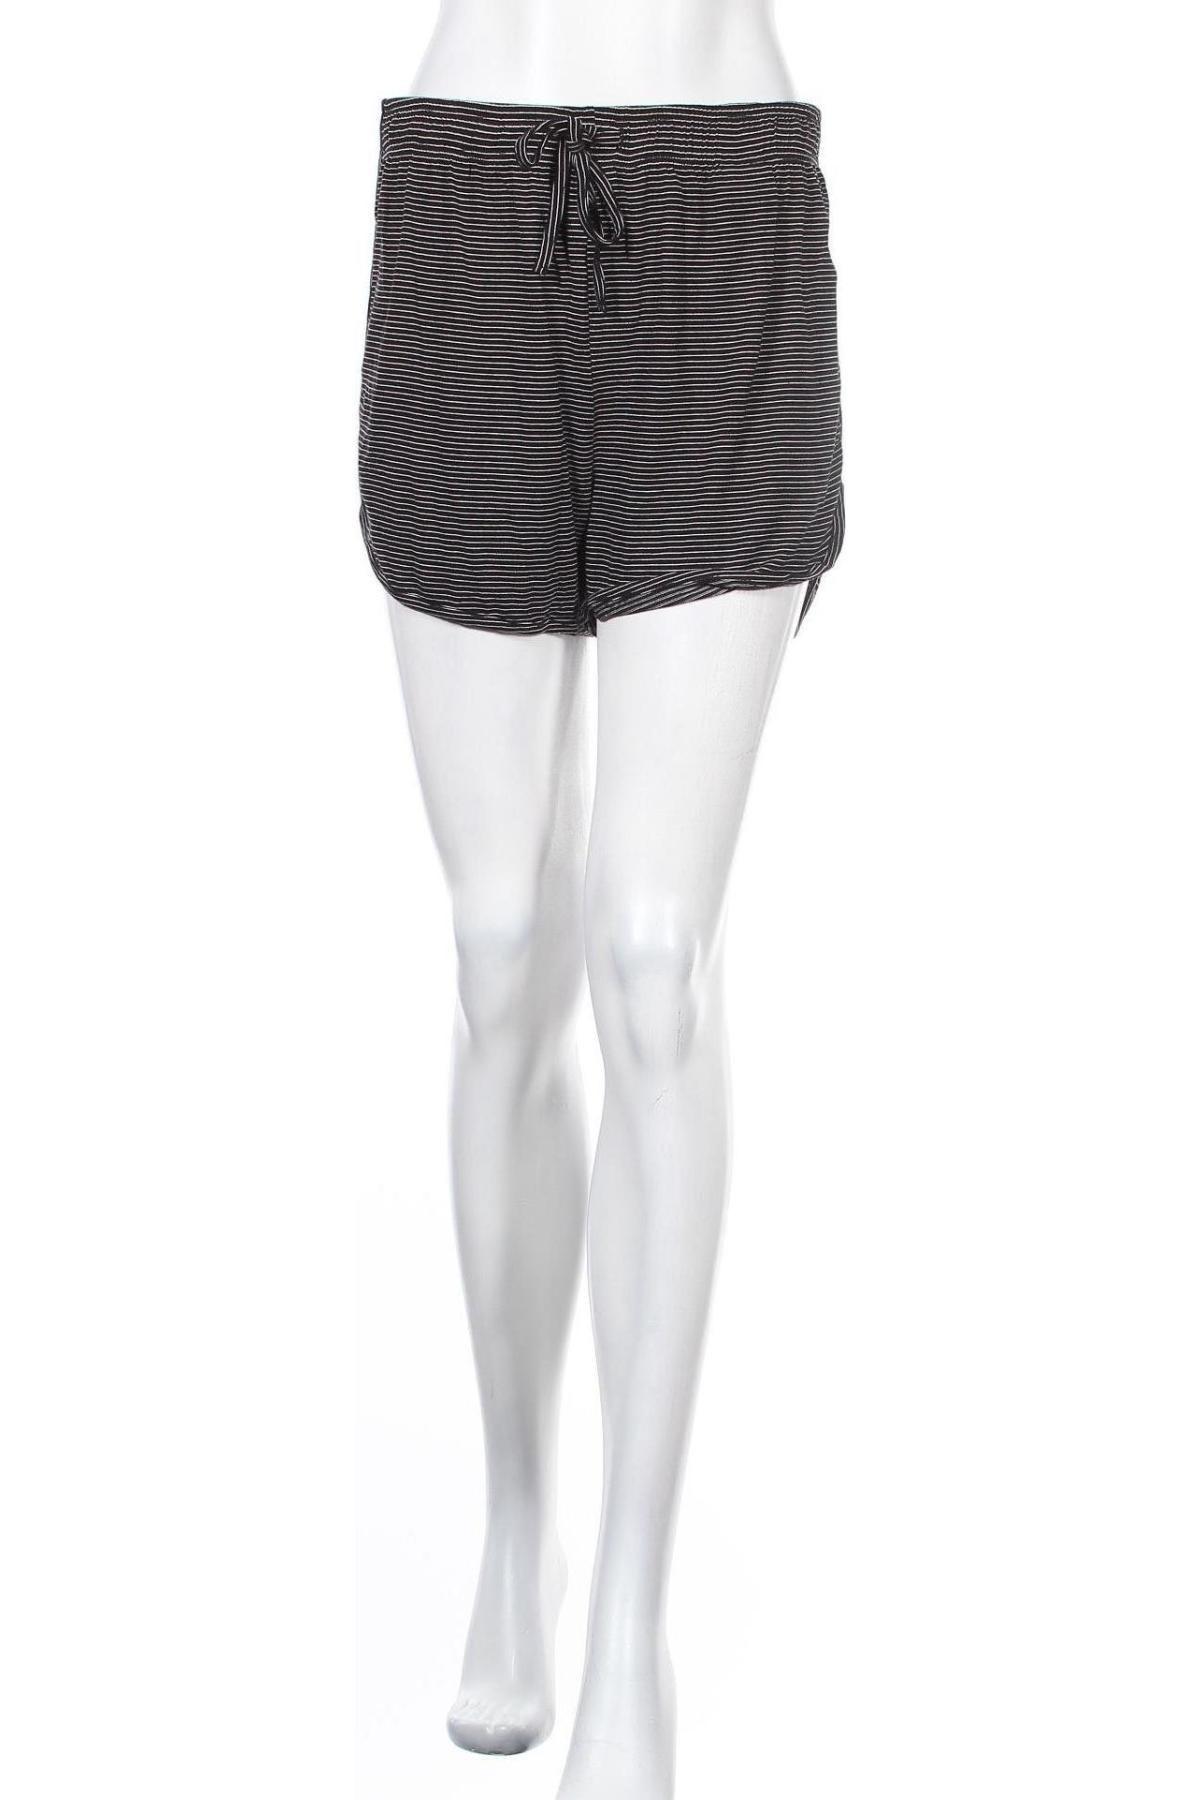 Γυναικείο κοντό παντελόνι Pieces, Μέγεθος M, Χρώμα Μαύρο, 95% βισκόζη, 5% ελαστάνη, Τιμή 11,91€